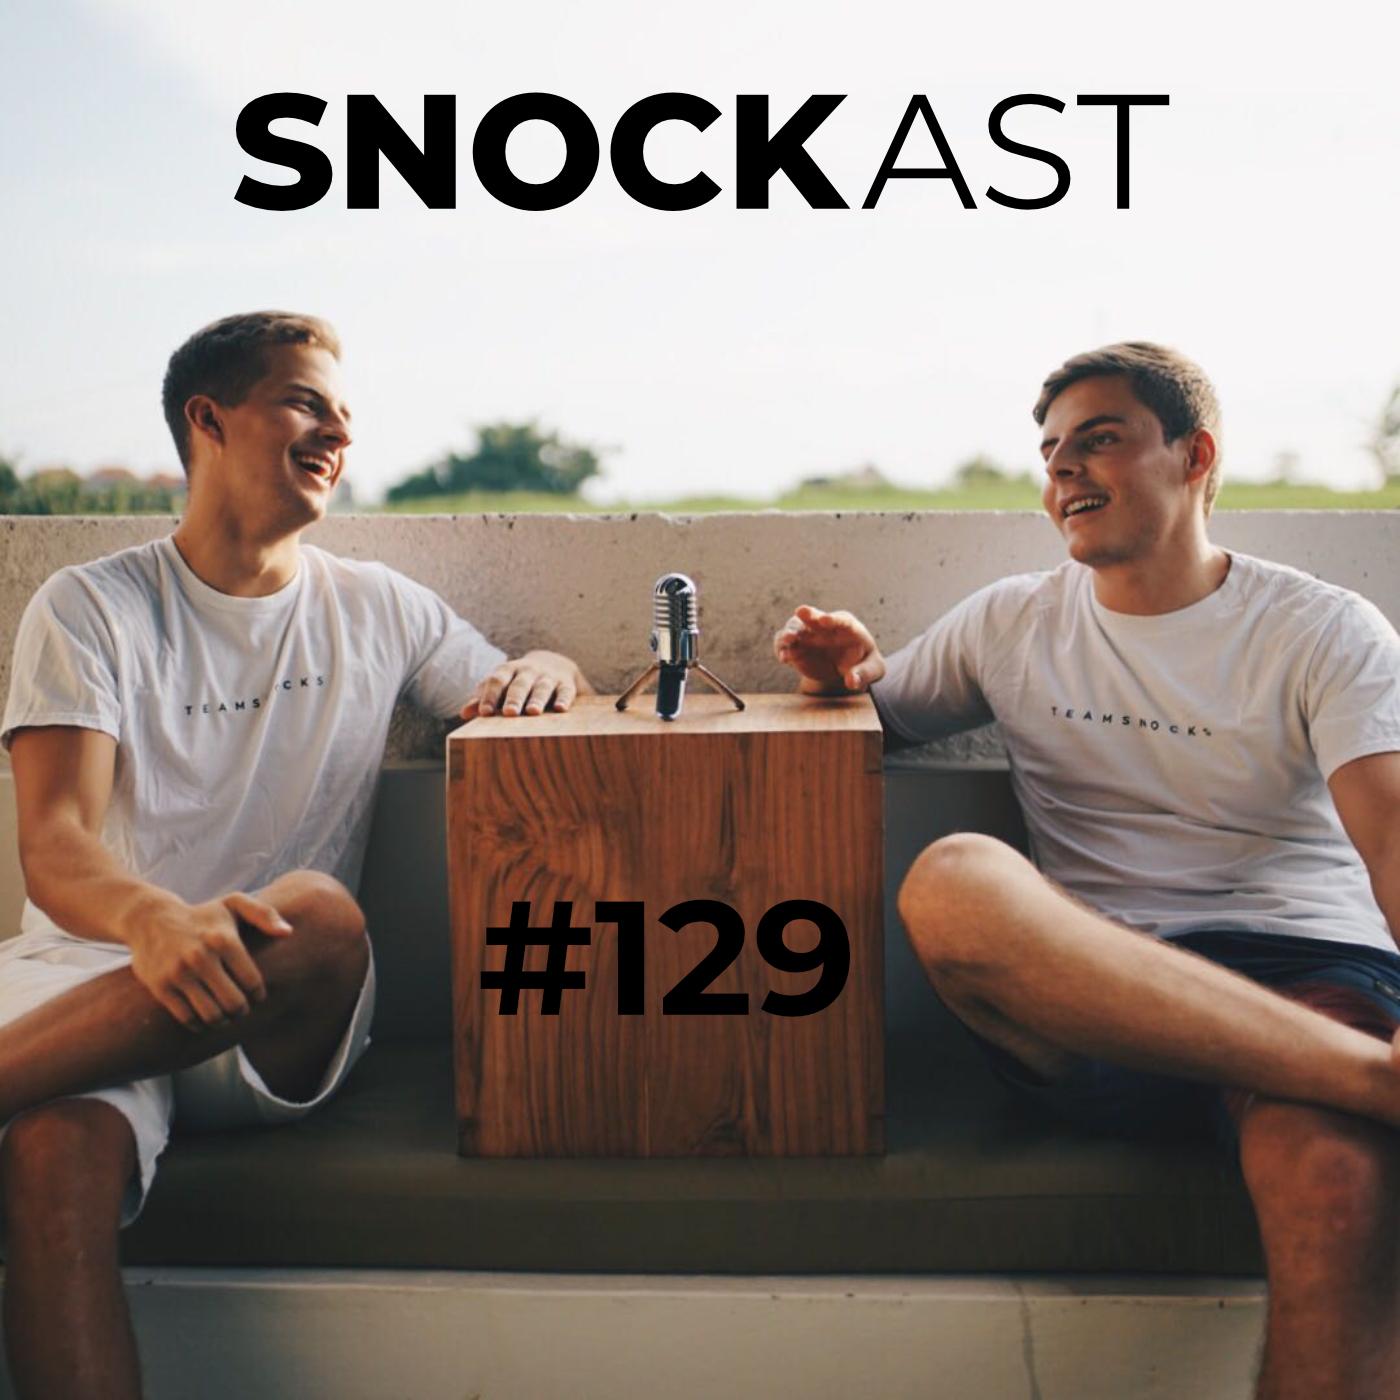 #129 – #aboutsnocks – Grün, grüner, SNOCKS: Wie geht es voran in Sachen Nachhaltigkeit bei uns?